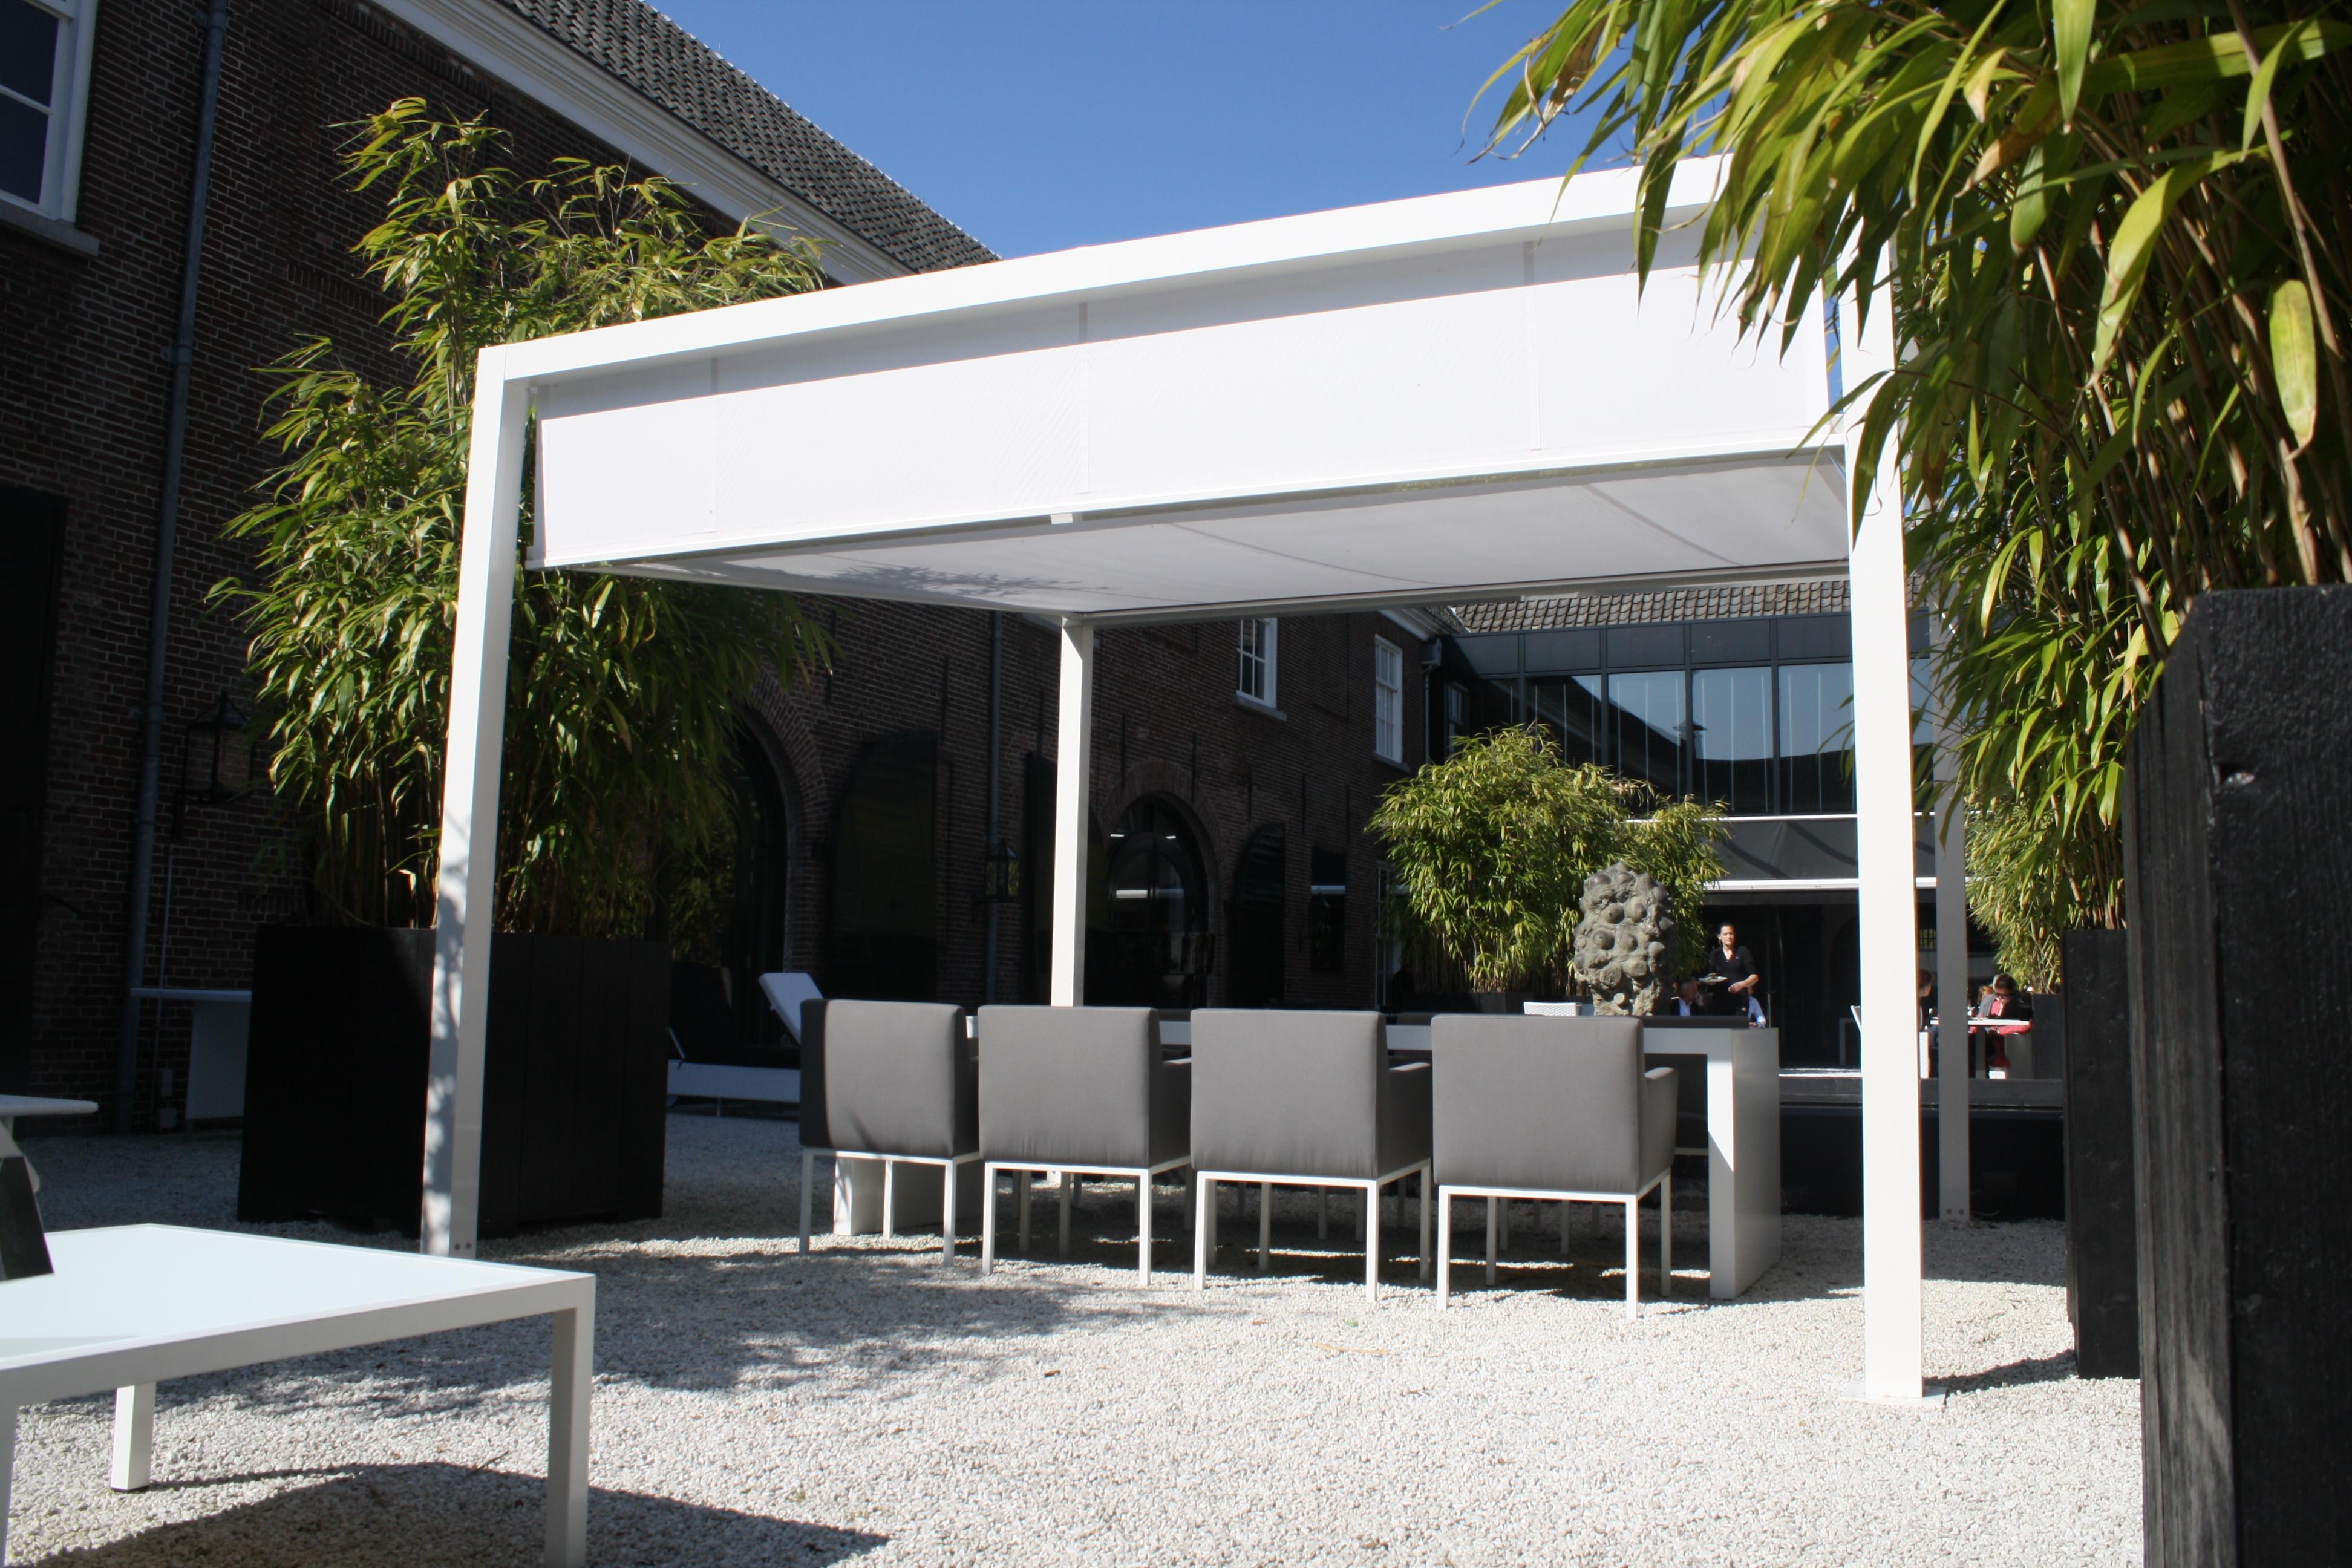 brise soleil pour terrasse